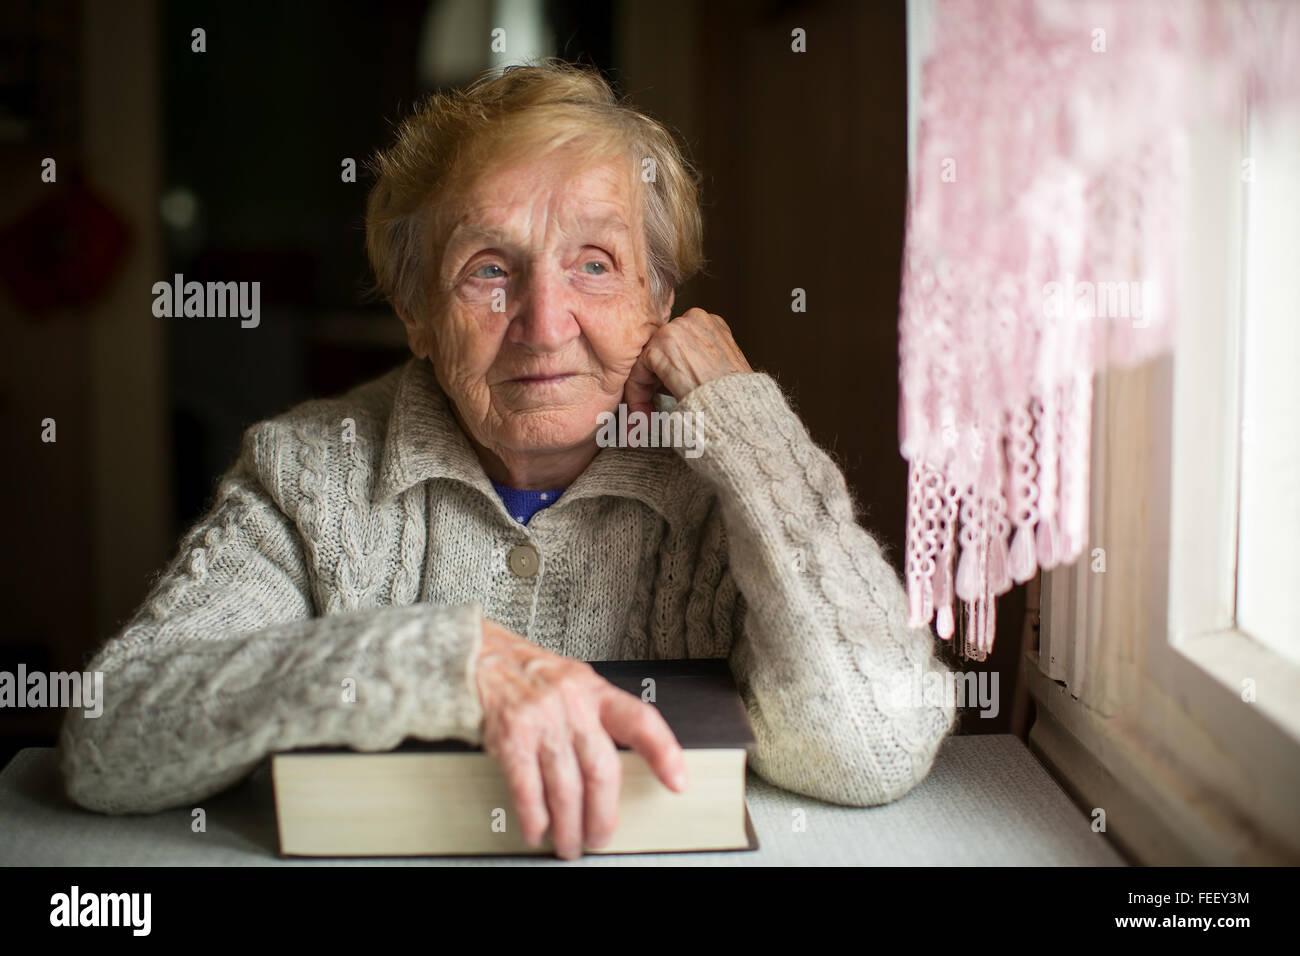 Una anciana mujer sentada con un libro grande cerca de la ventana. Imagen De Stock